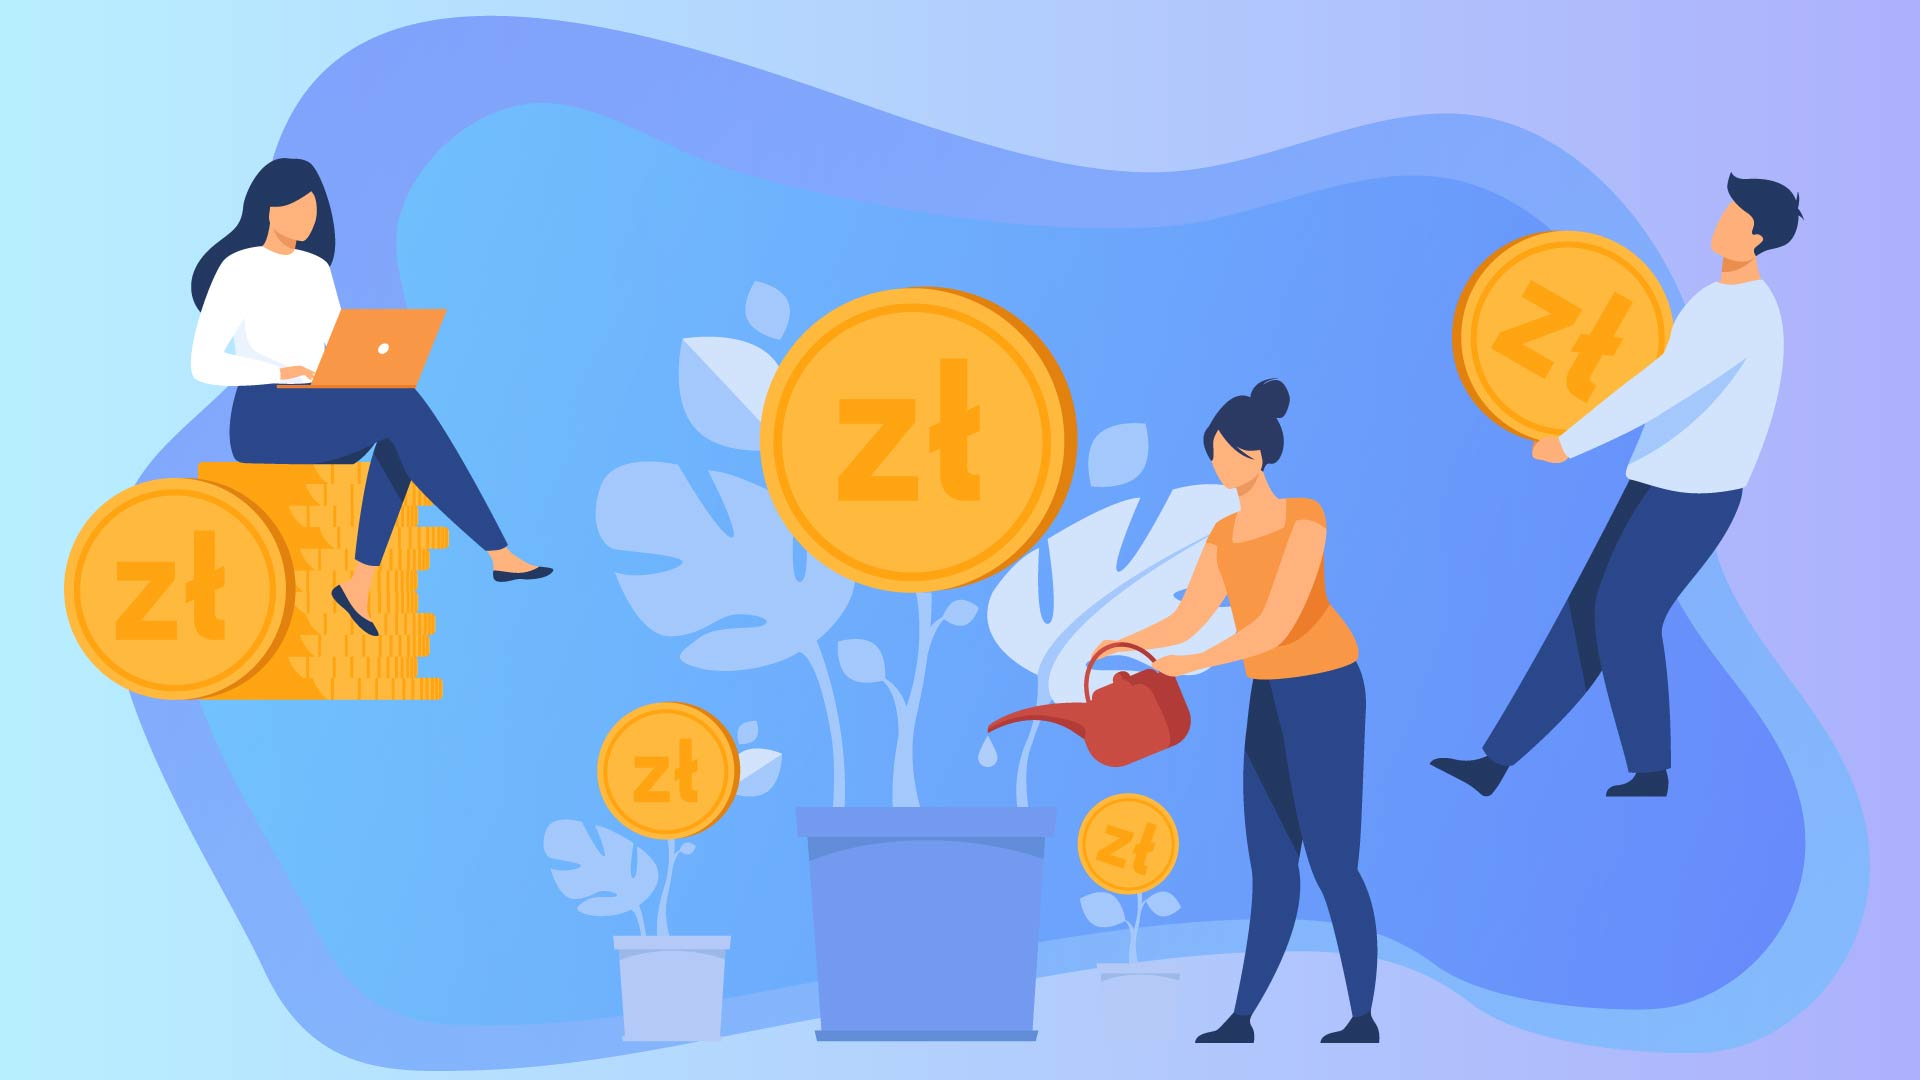 Jak zwiększyć płynność finansową bez potrzeby brania kredytu bankowego